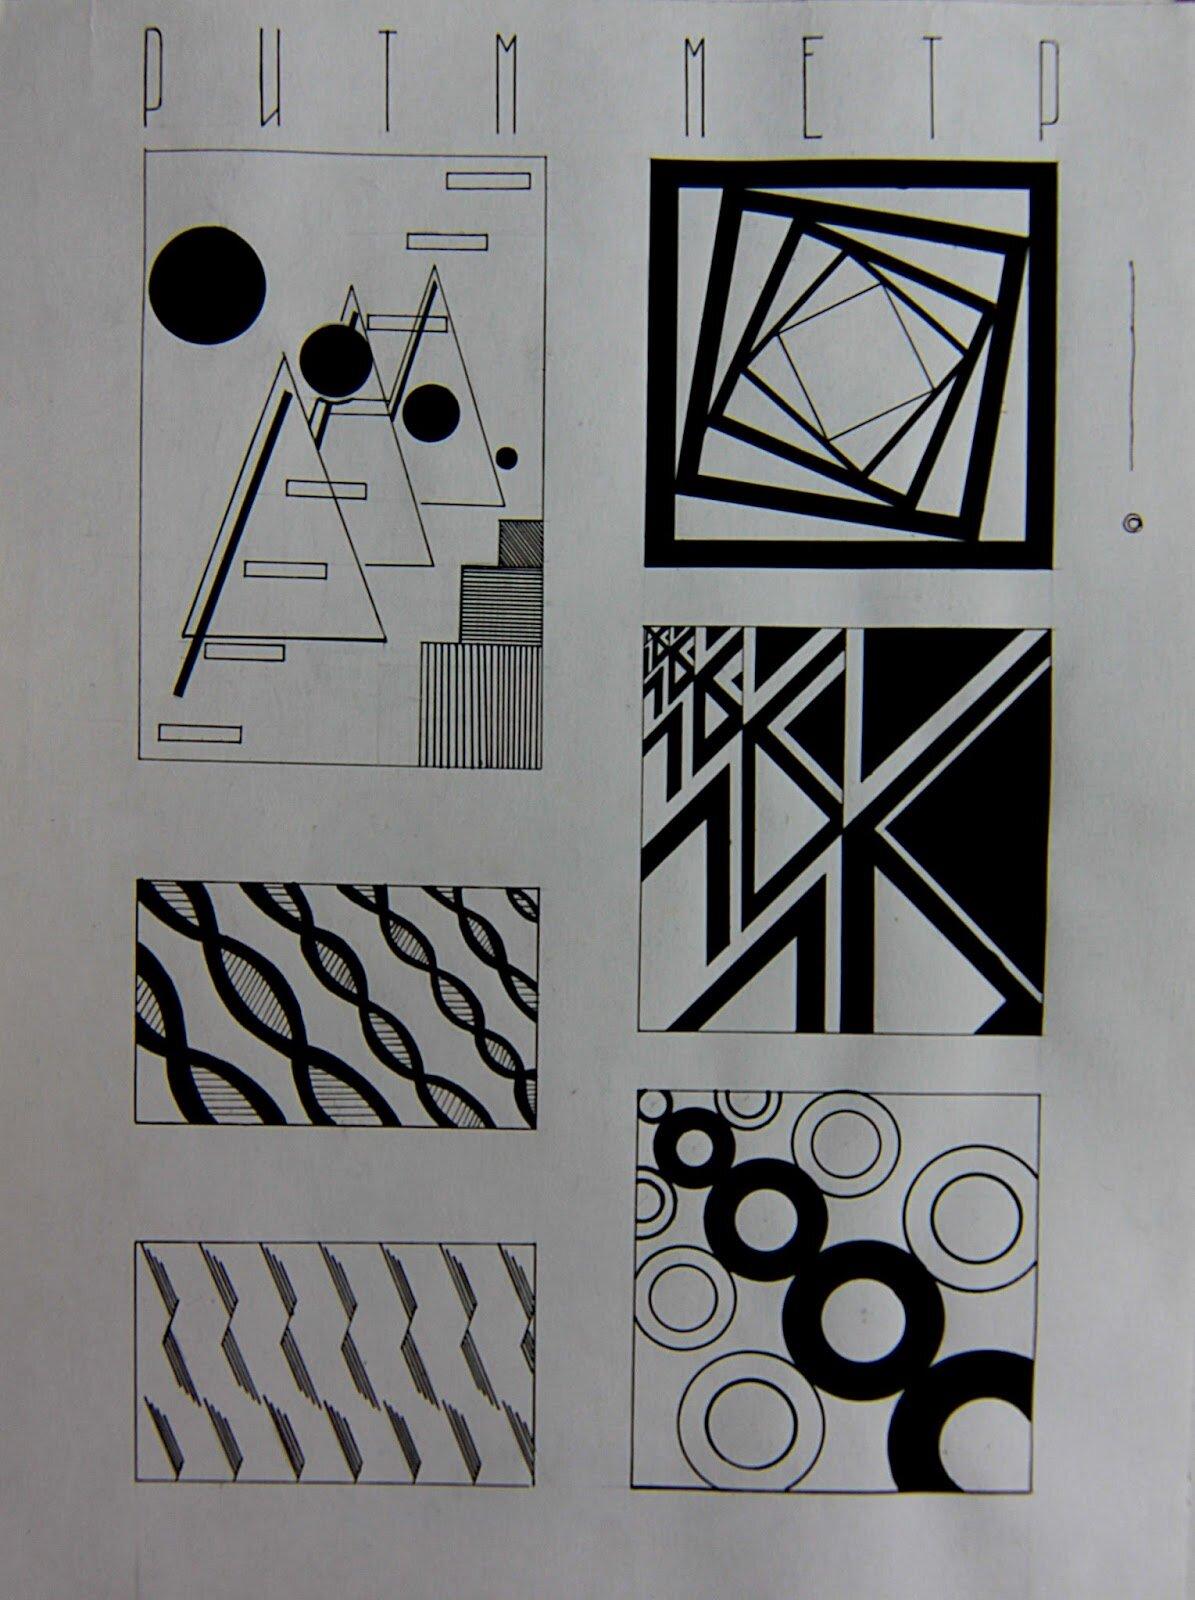 диапазоны, роль композиции в дизайне фотокомок центр